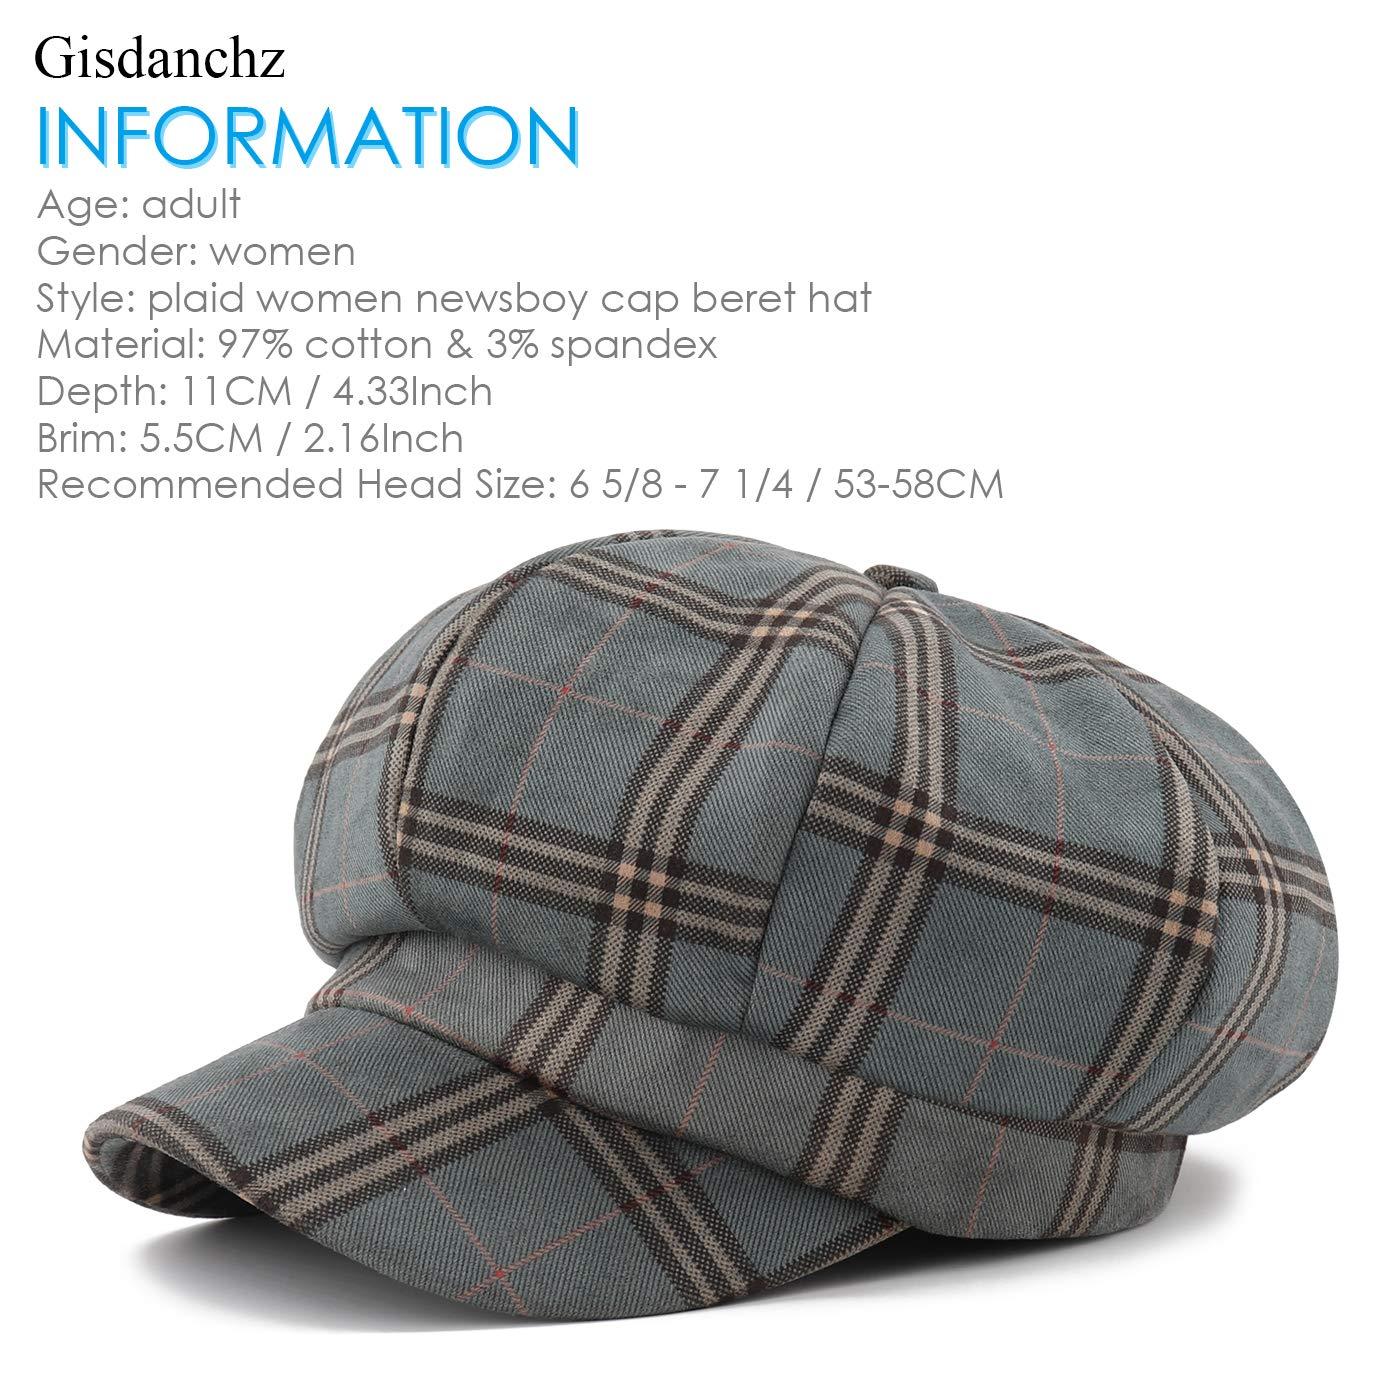 Gisdanchz Damen Schildm/ütze Baumwolle Newsboy Cap Beret Hat for Lady